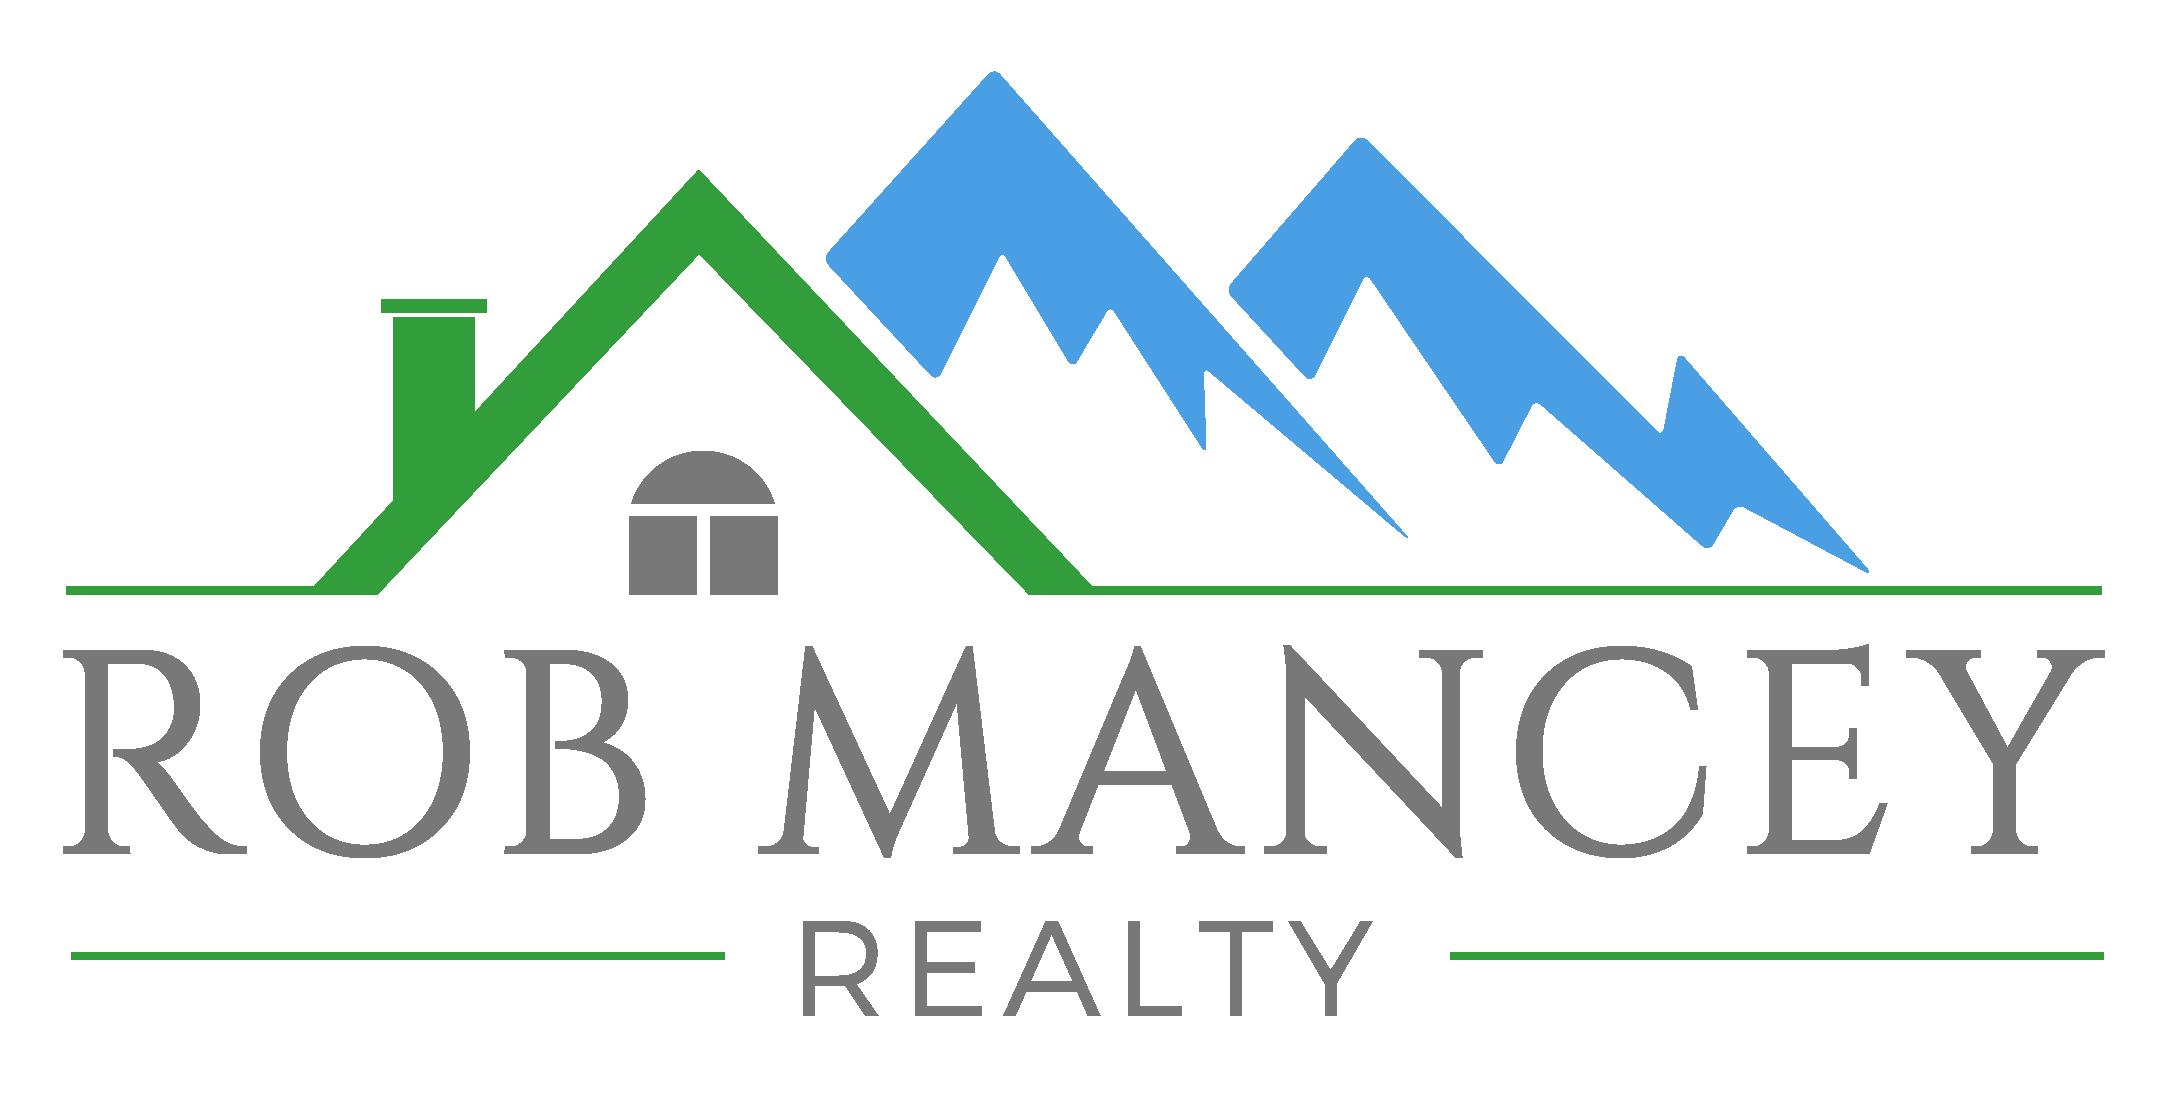 Rob Mancey Real Estate